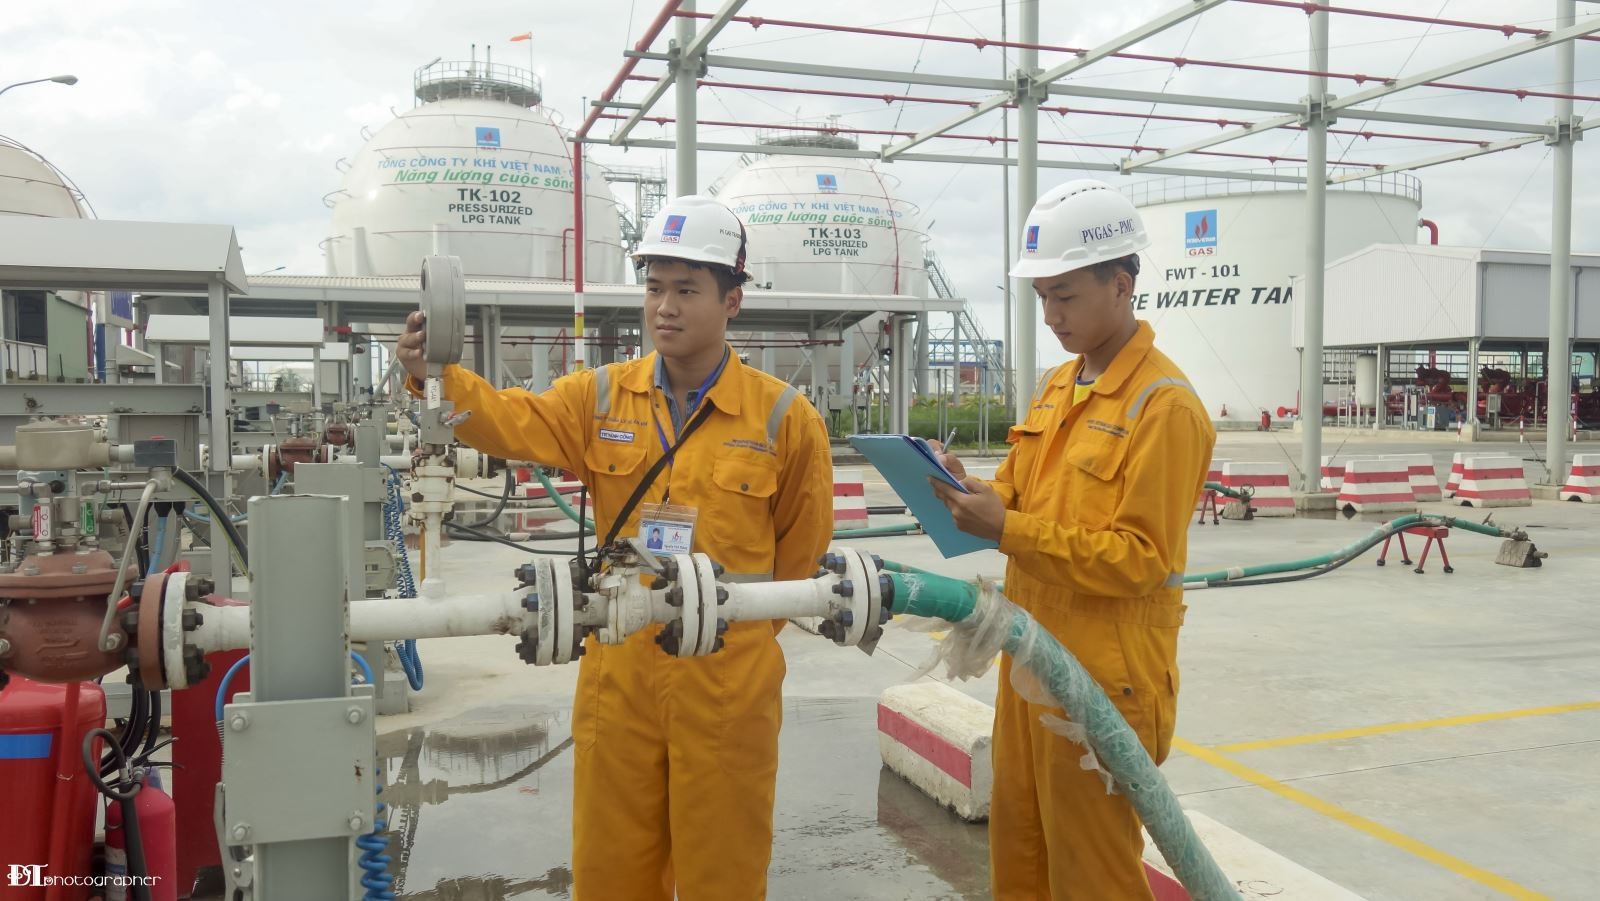 PV GAS nhà cung cấp năng lượng sạch cho đất nước